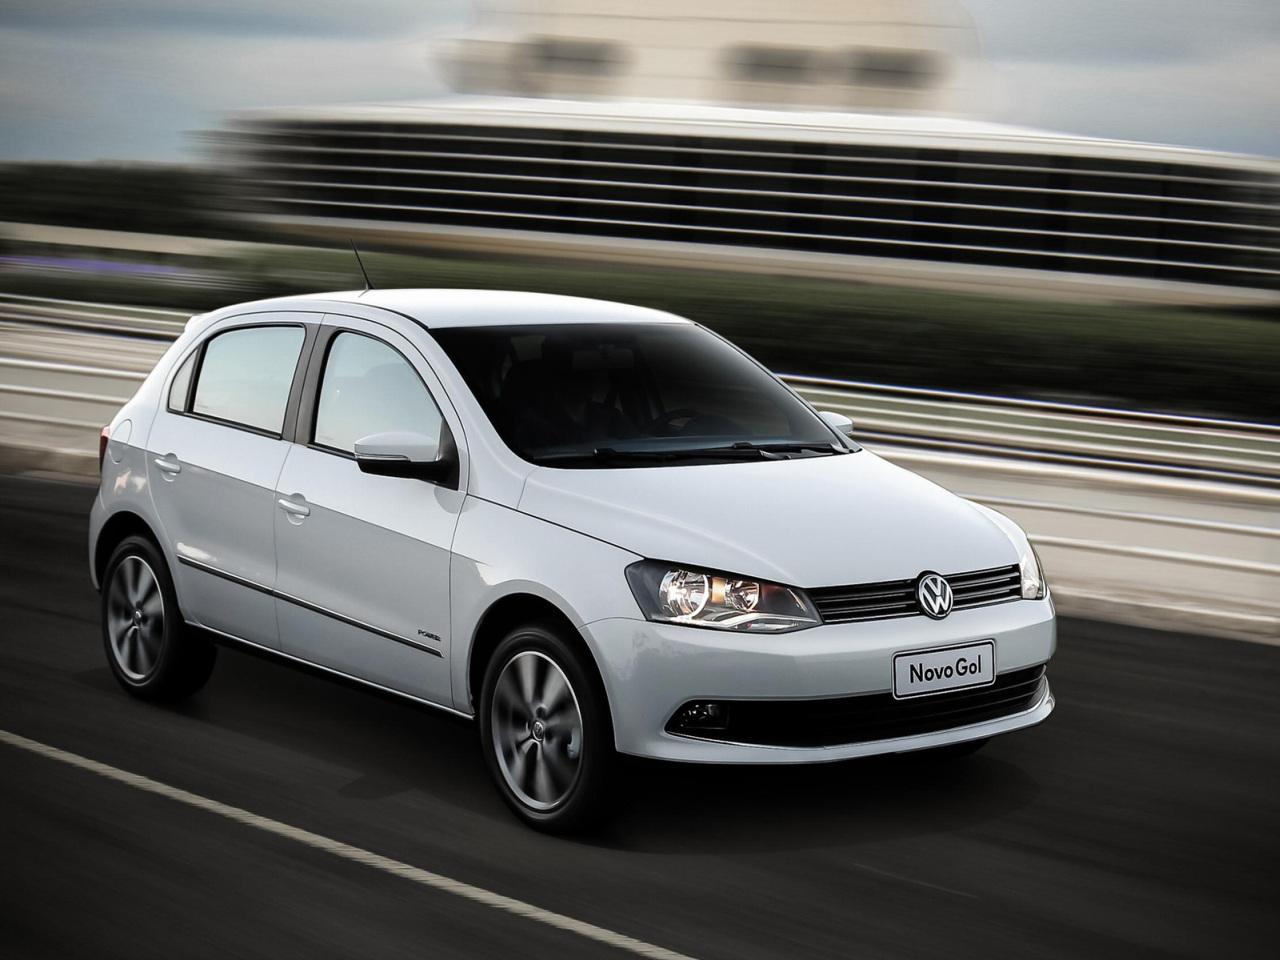 Volkswagen Gol 2013 nueva generación